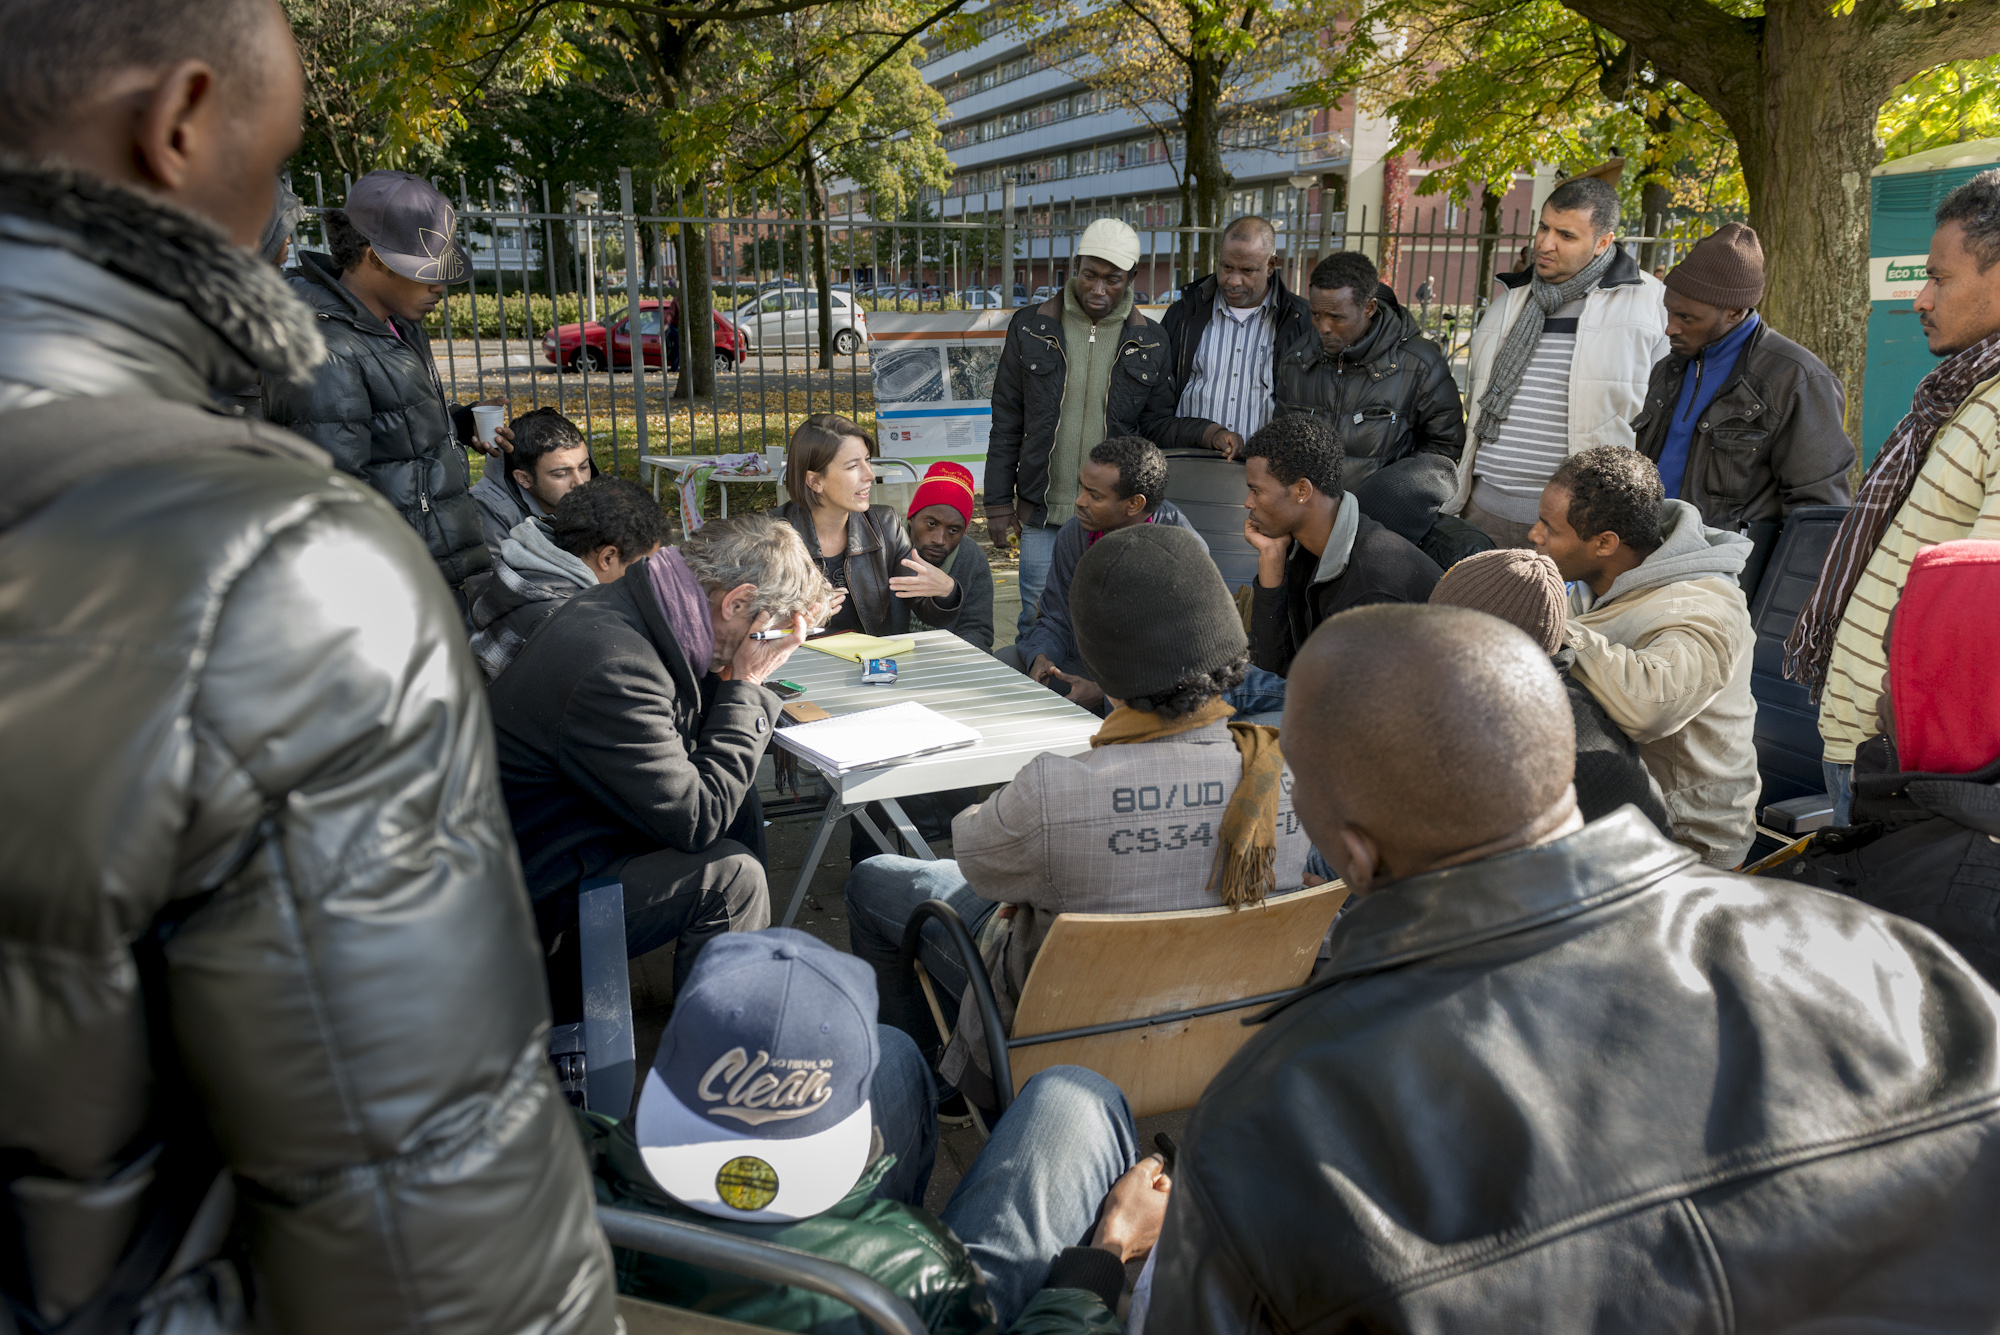 vluchtelingen kamp Amsterdam, advocaat Ursula Weitzel, fotografie Frank Penders